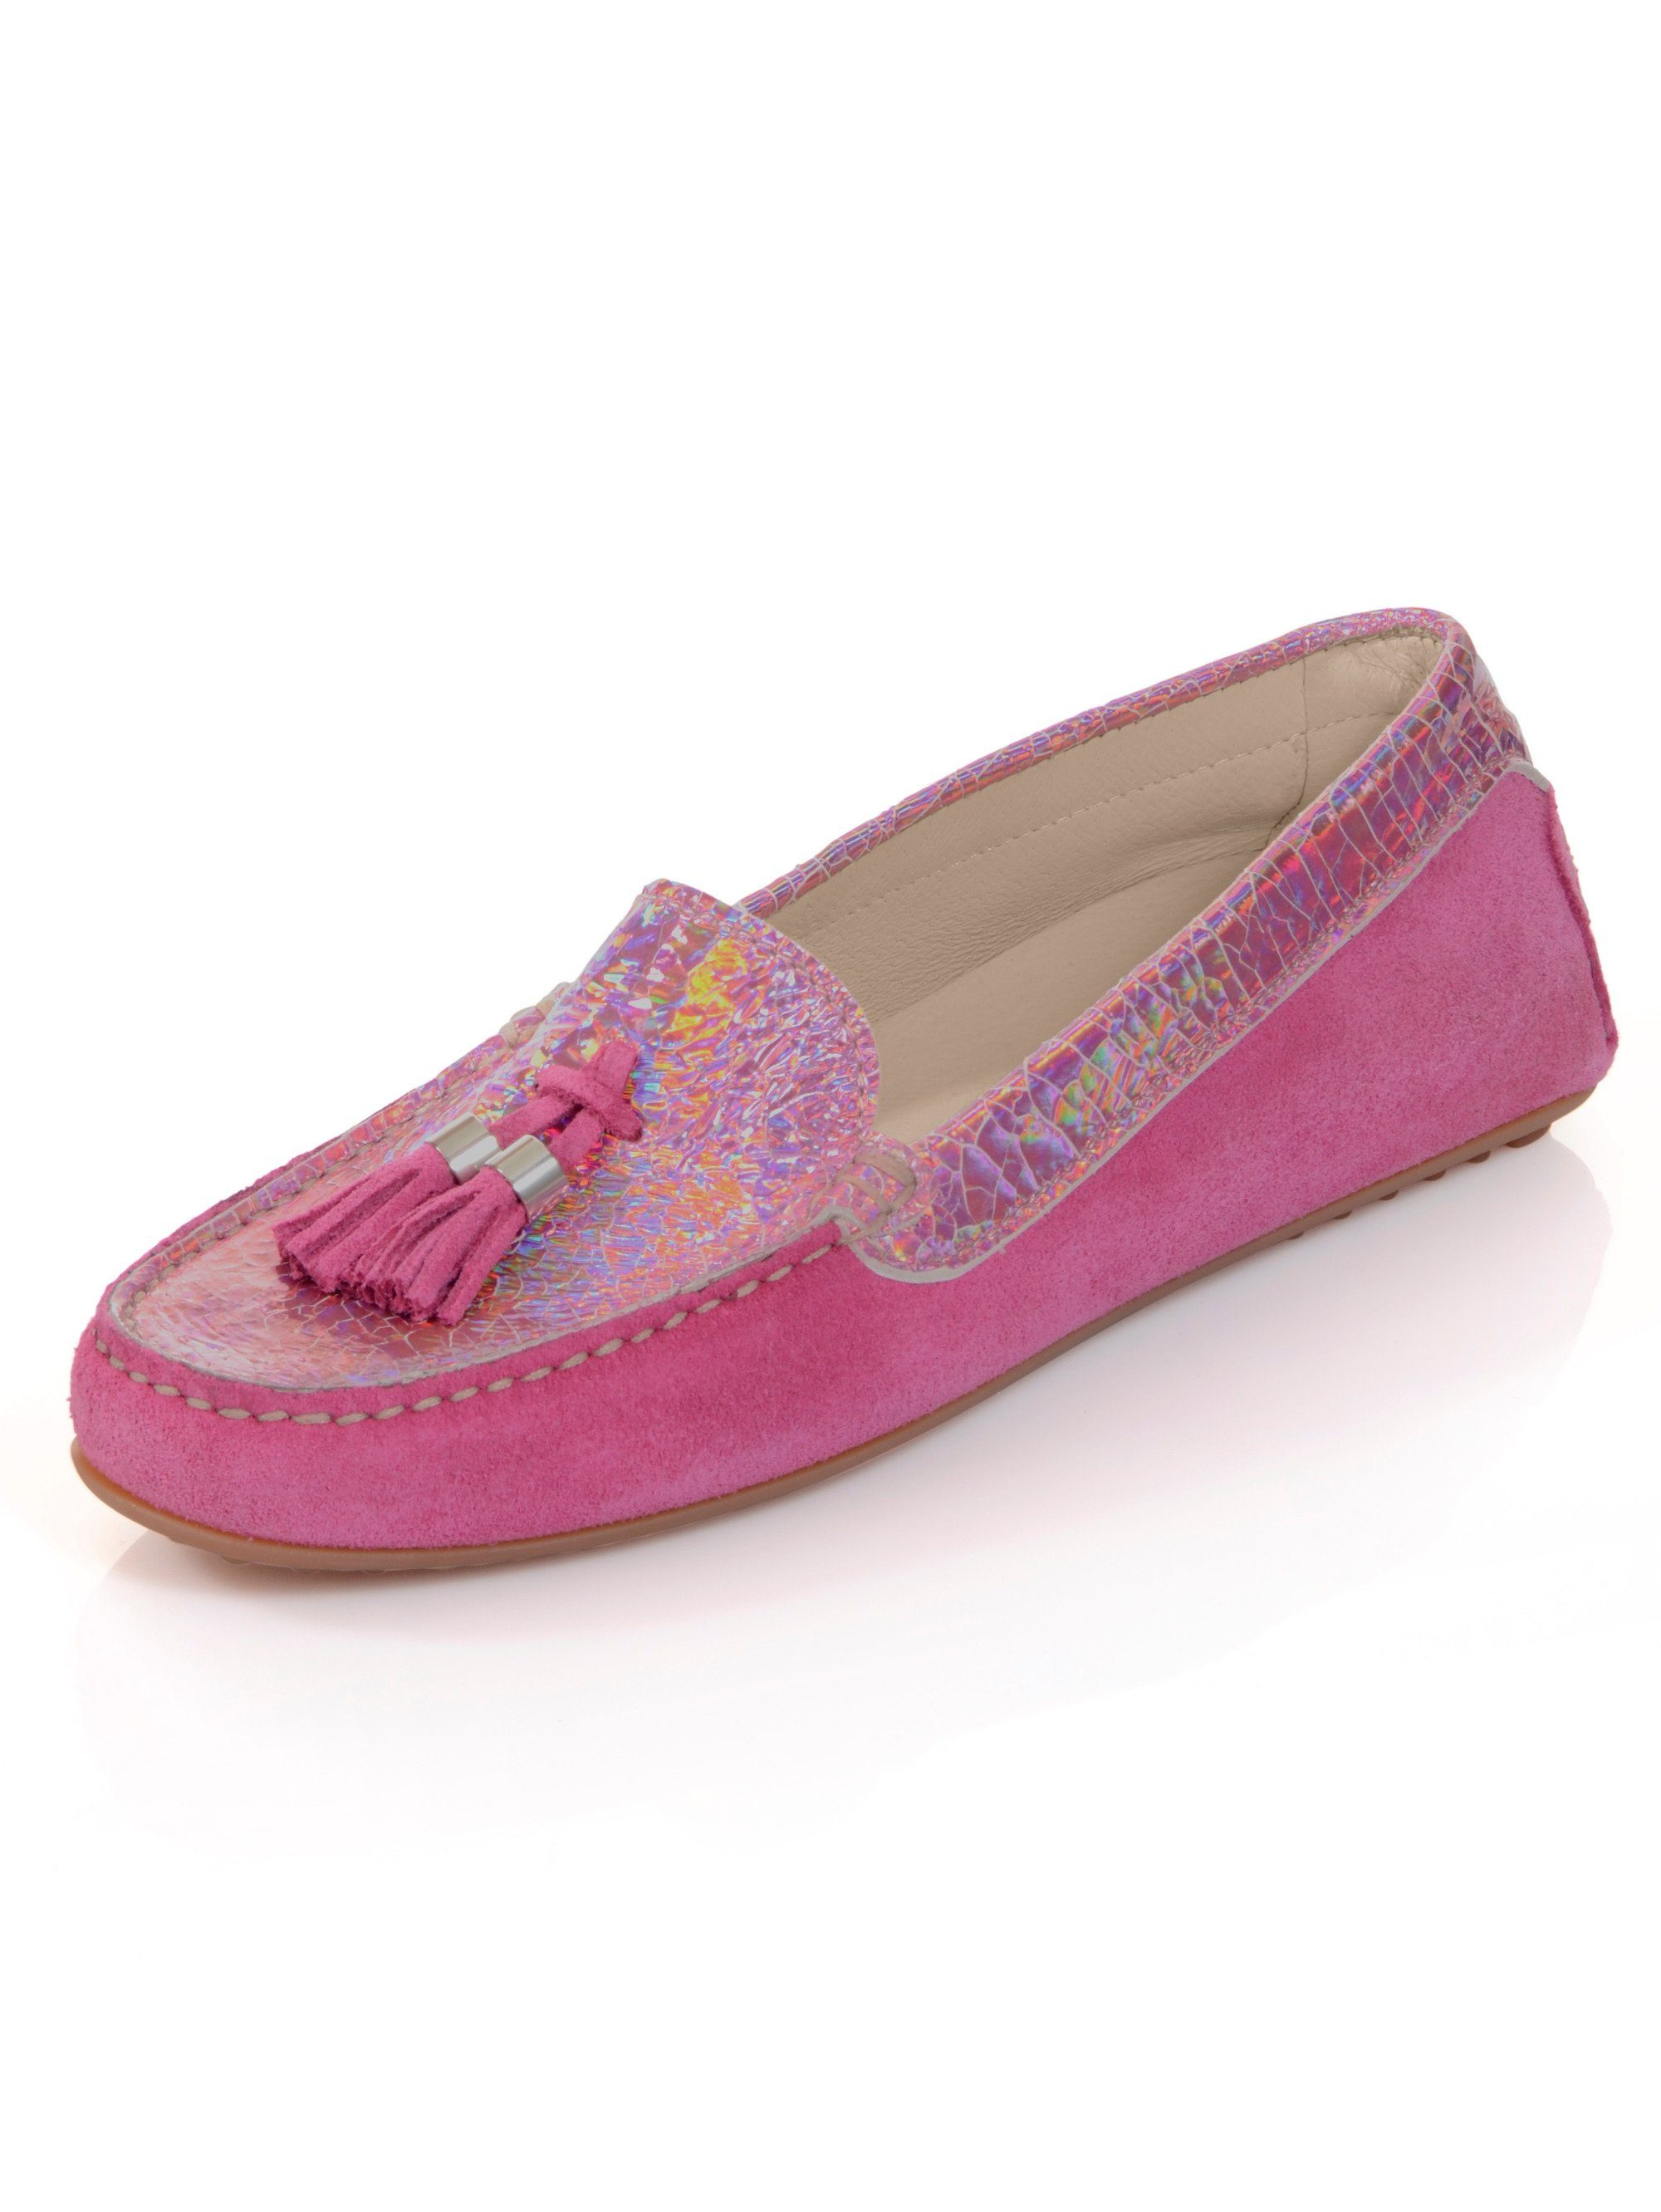 Alba Moda Mokassin mit Folienbeschichtung kaufen  pink